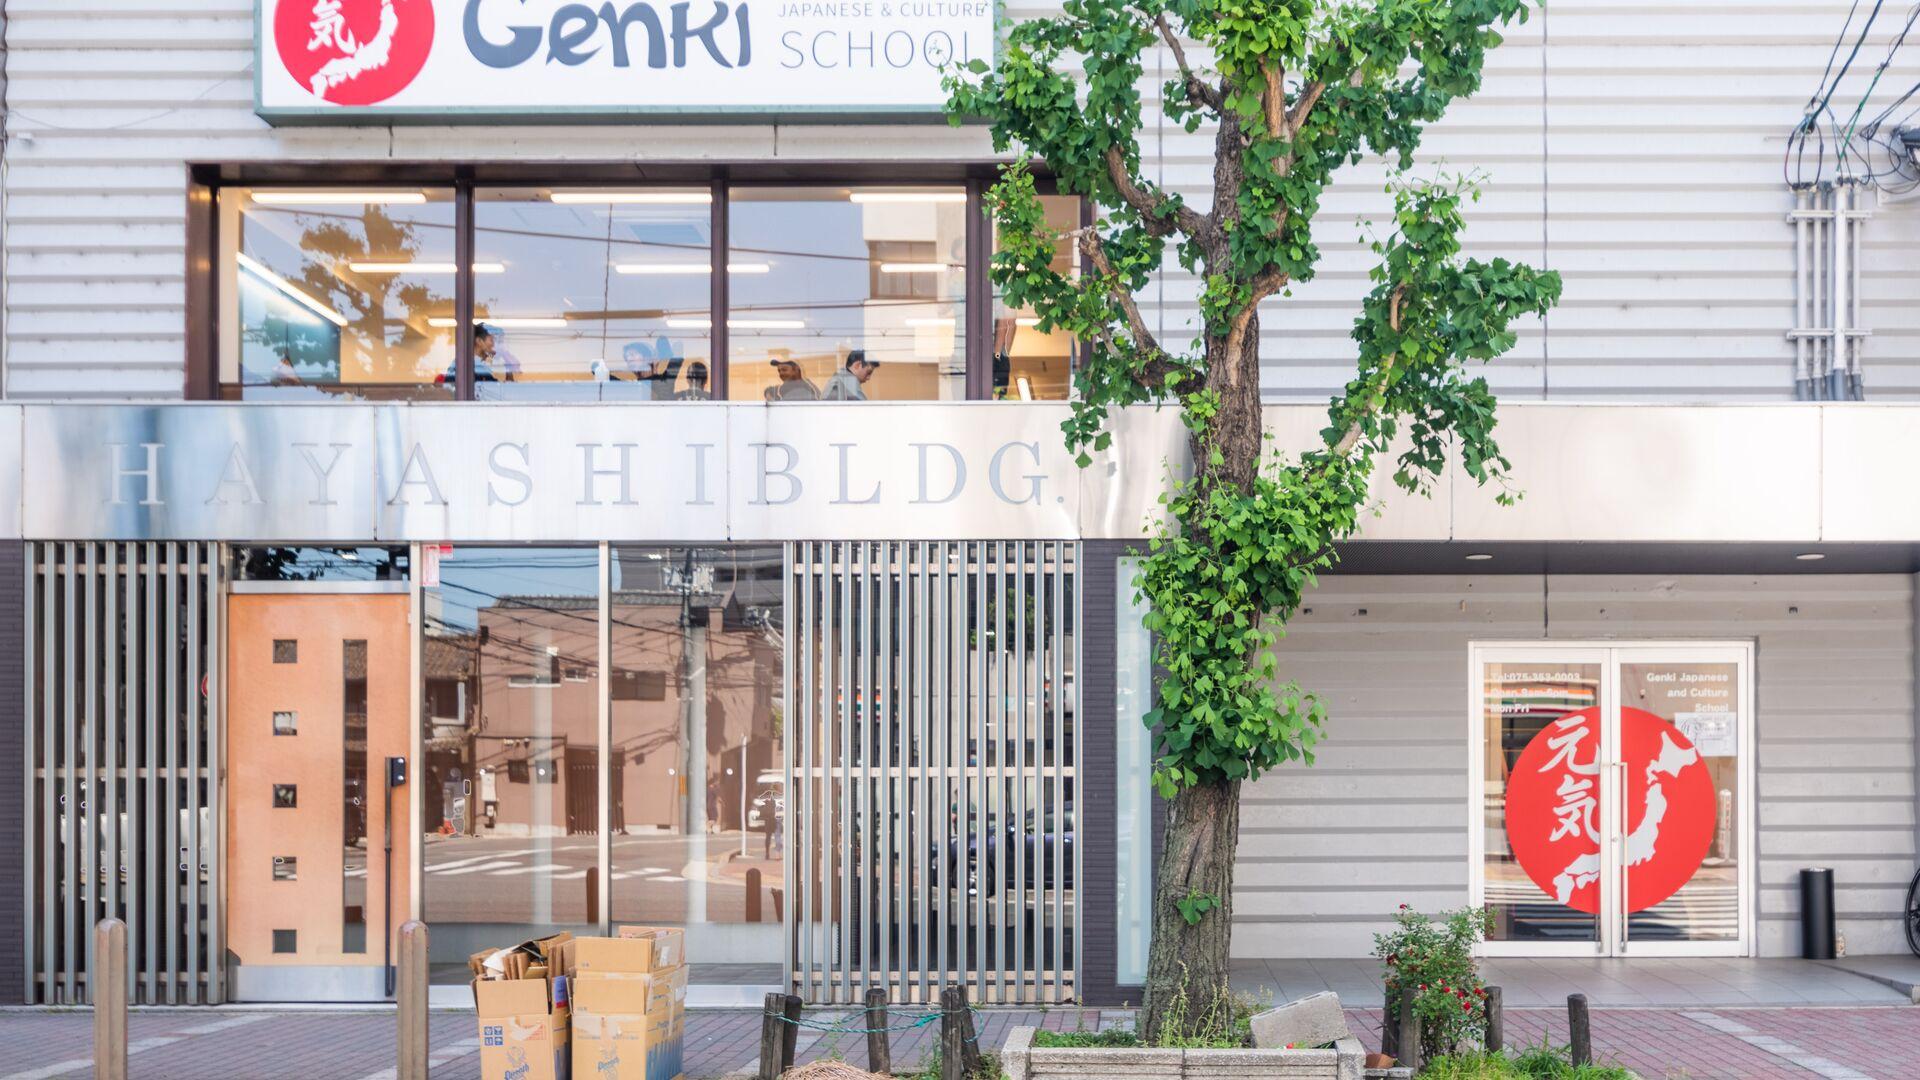 Séjour linguistique Japon, Kyoto - Genki Japanese School Kyoto - École